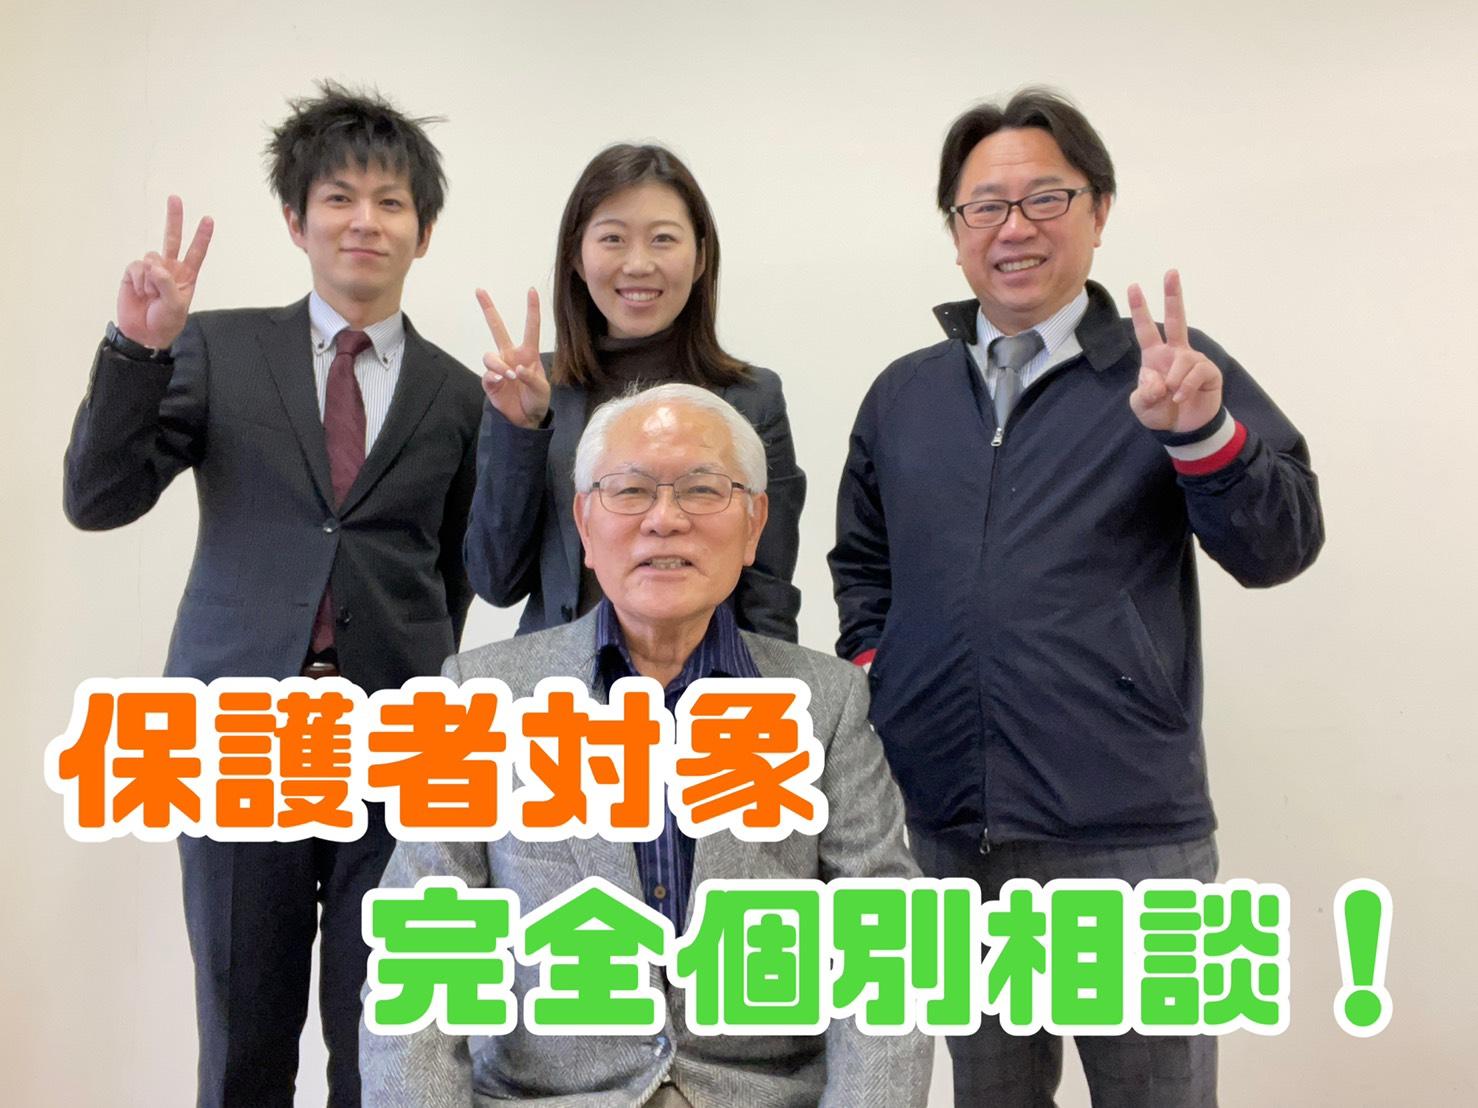 【福岡】8/17(火) <保護者向け>完全個別相談!オンラインも可能♪♪